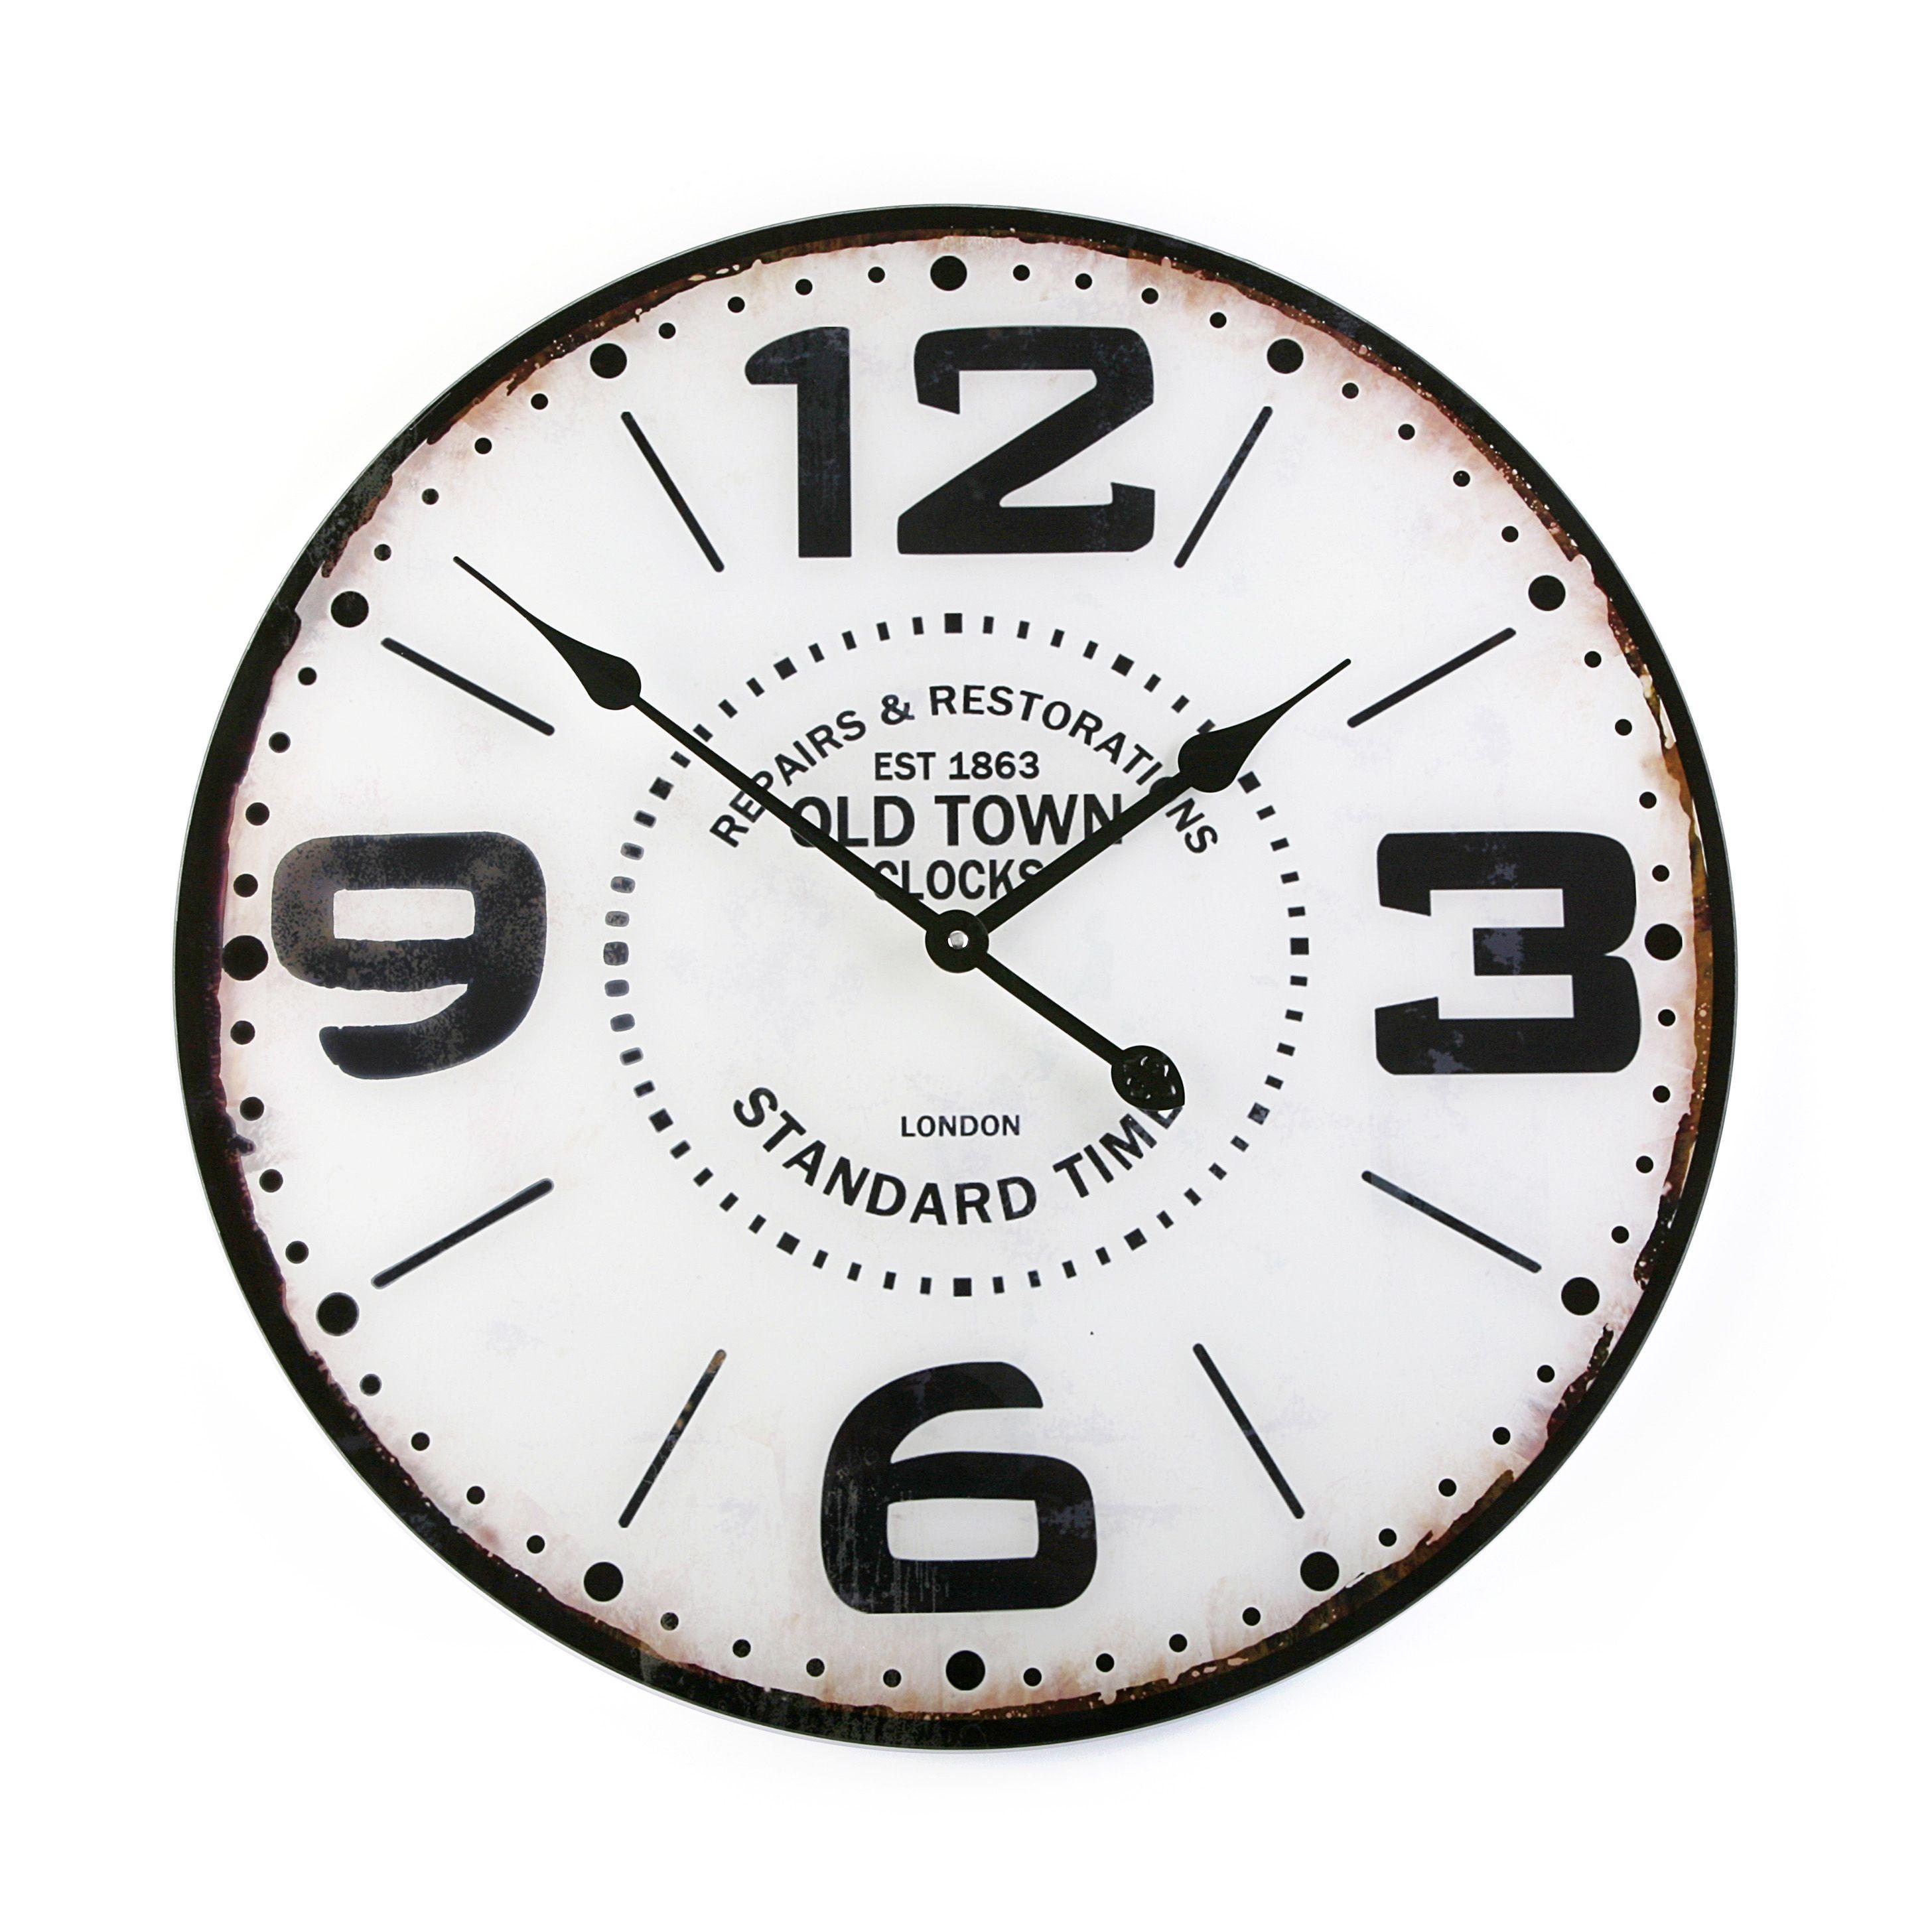 Reloj de pared vintage reloj vintage casa versa - Reloj pared vintage ...